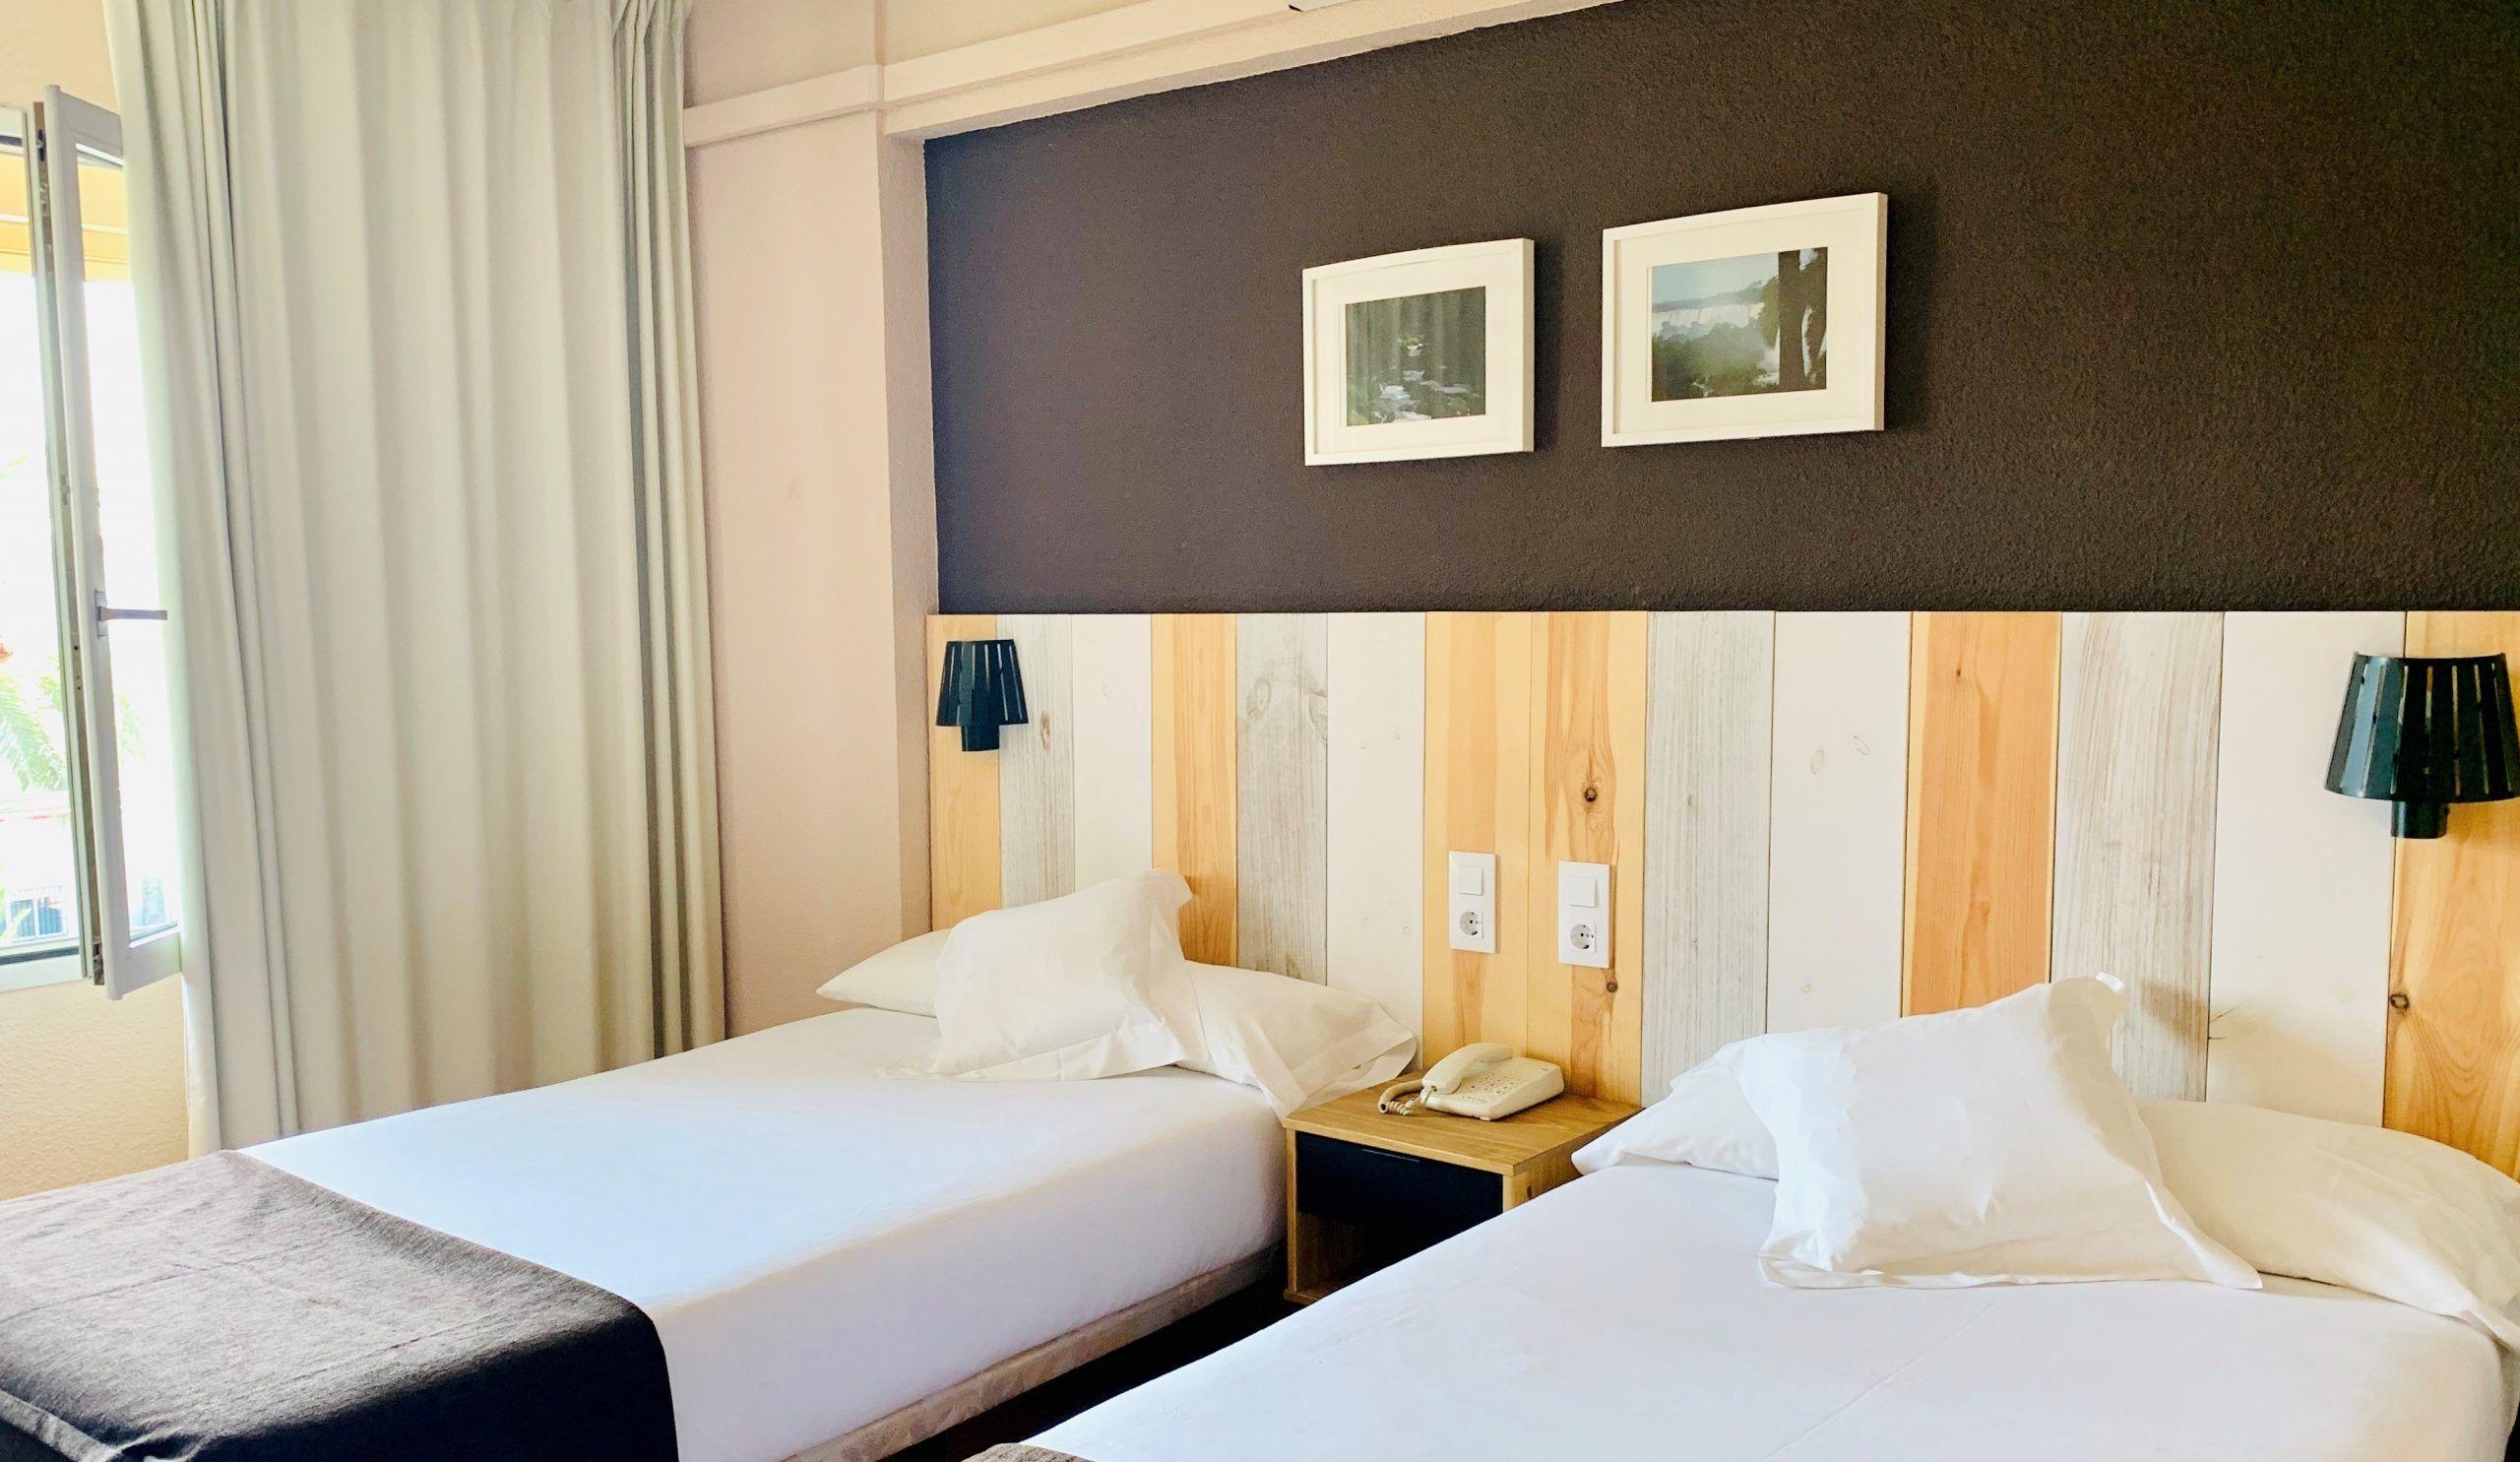 habitacion premium con 2 camas separadas